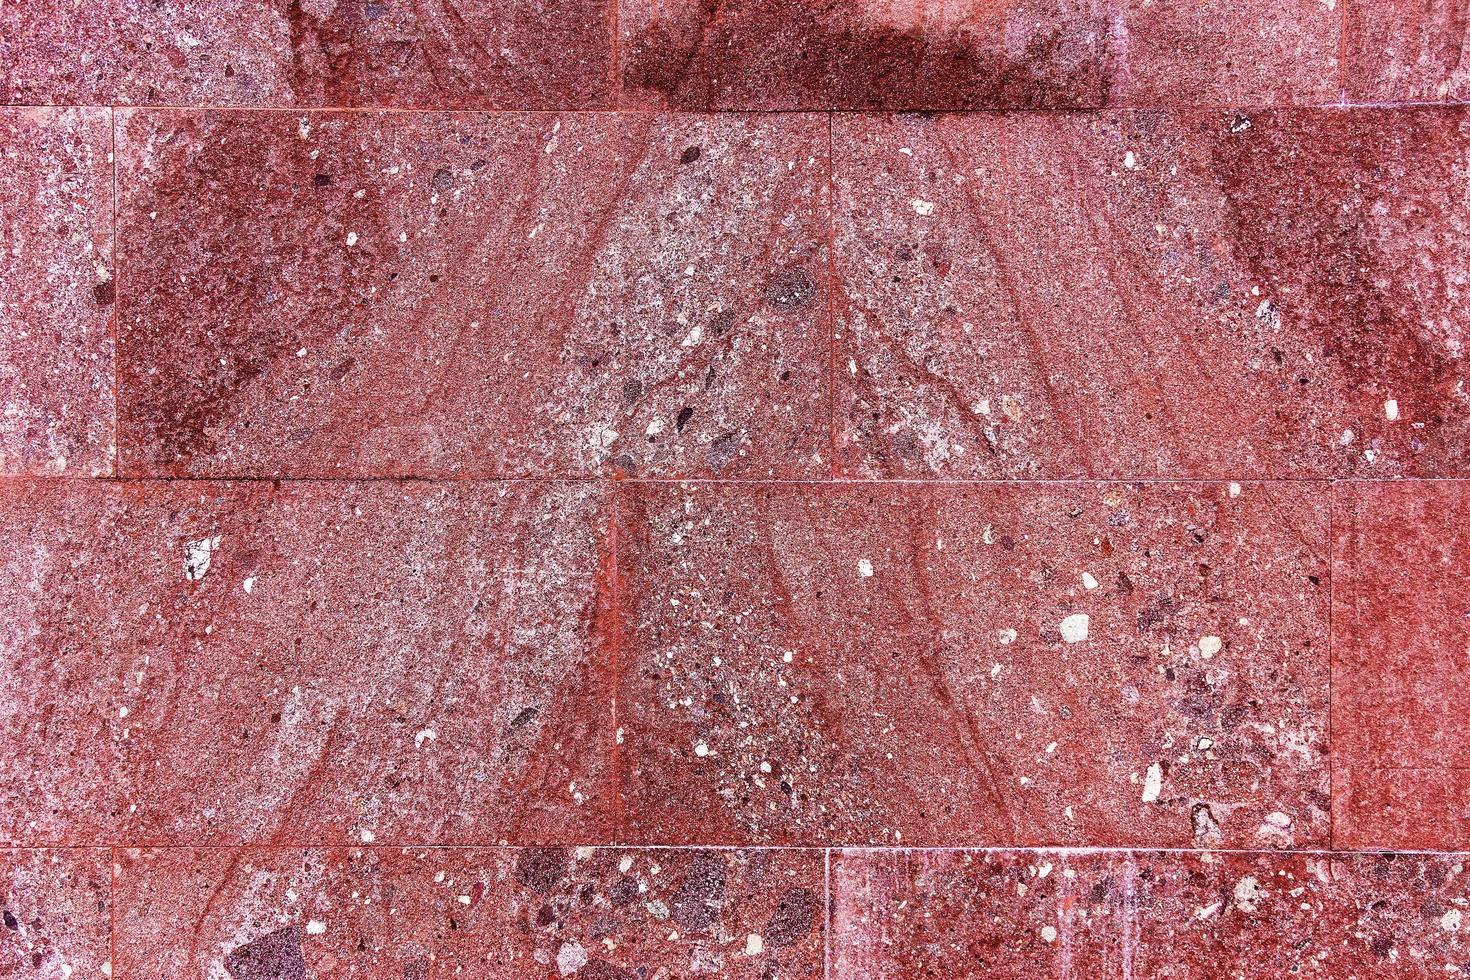 rode gestructureerde marmeren achtergrond, decoratieve wandtegels foto